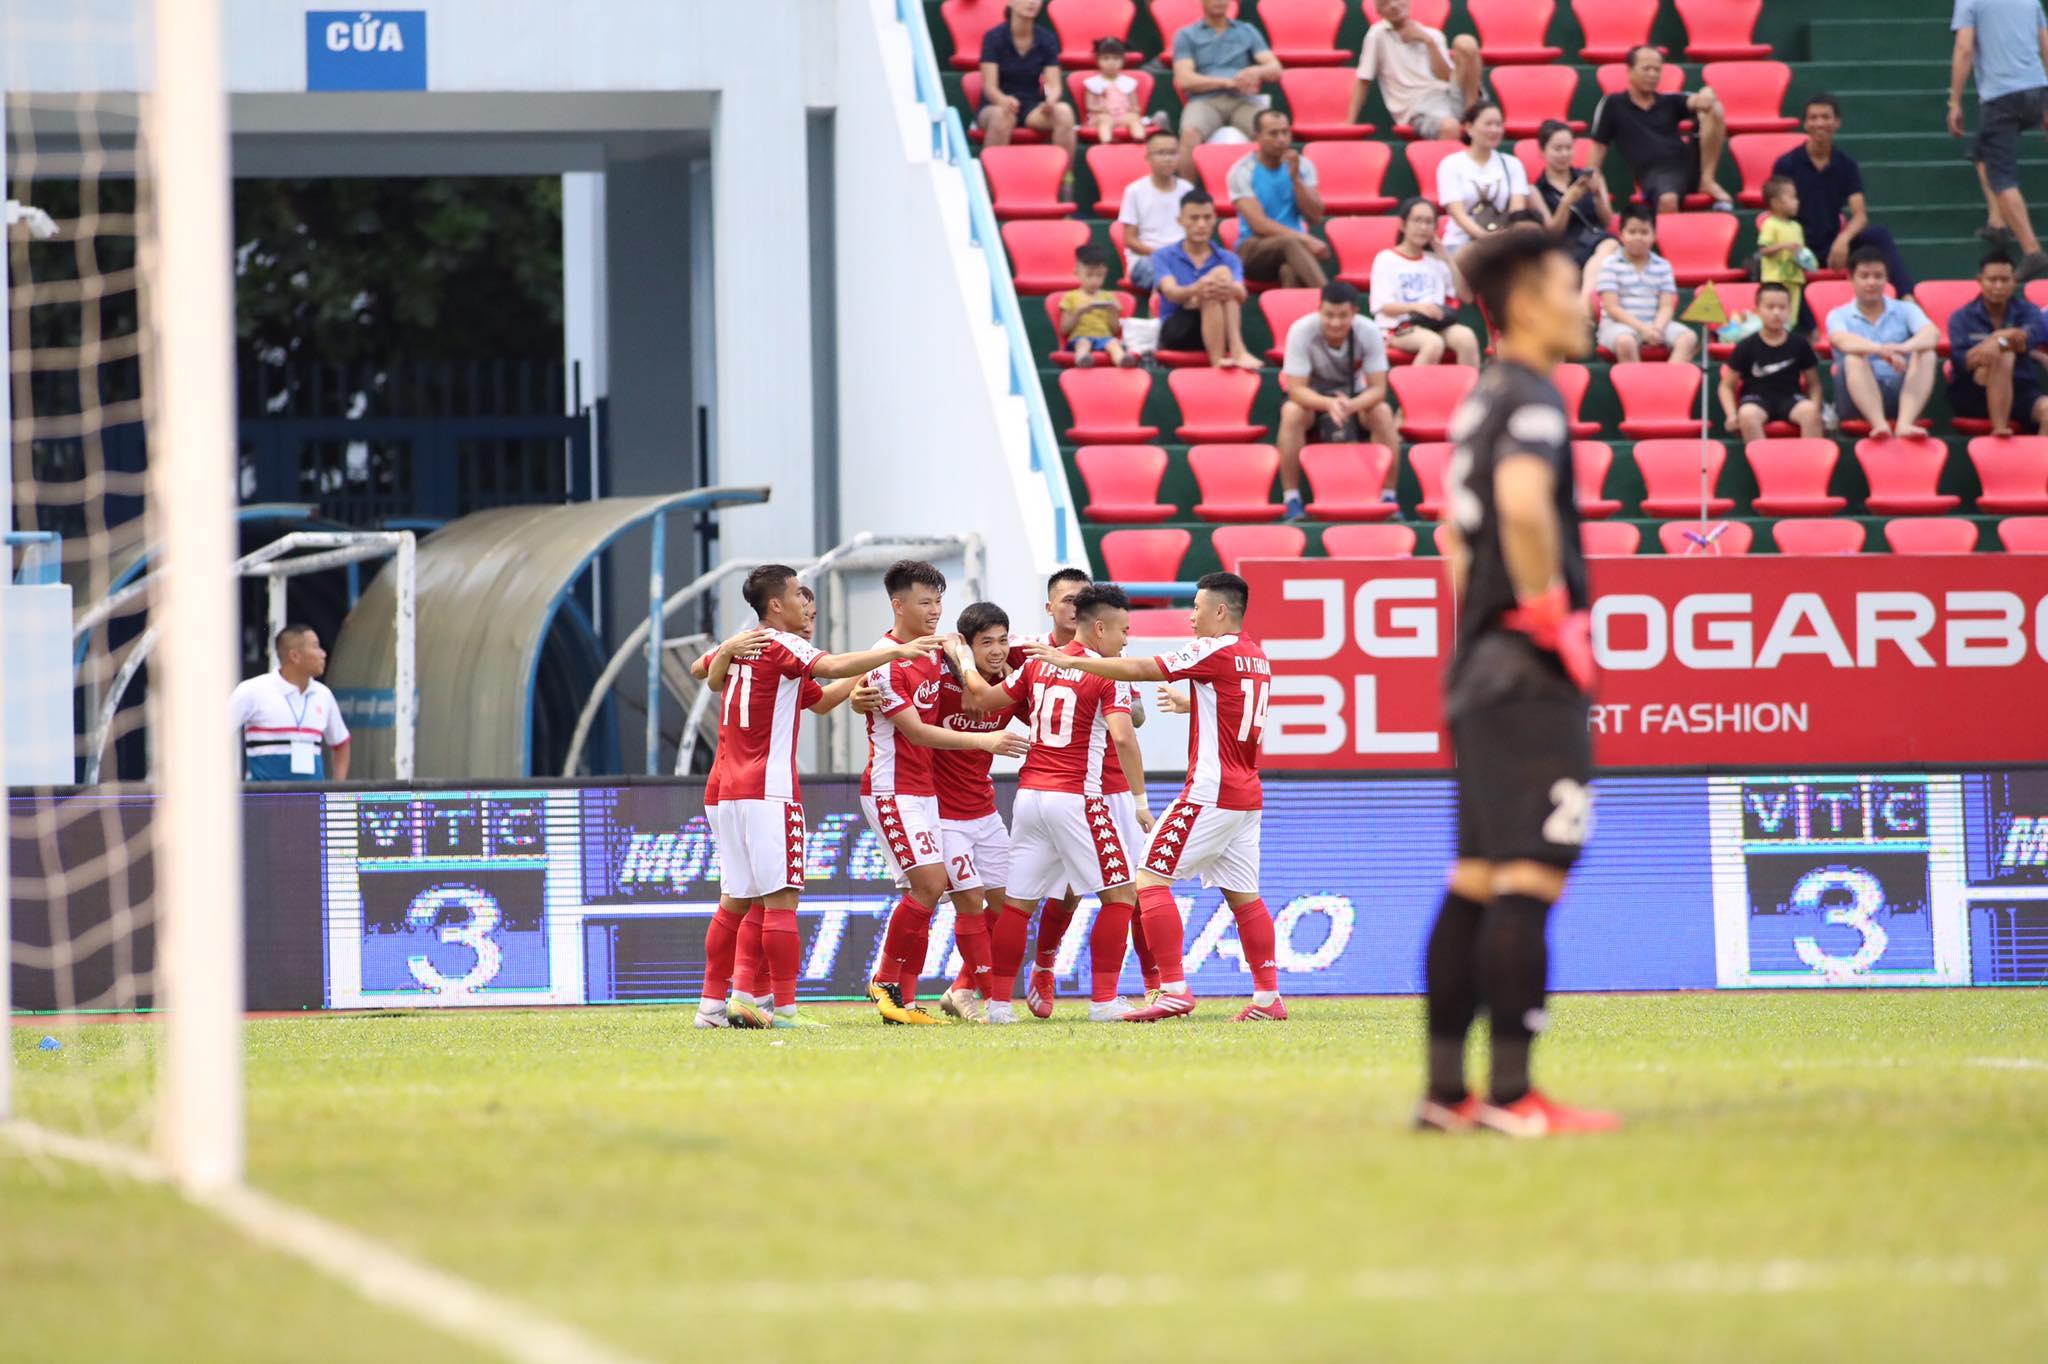 Công Phượng sớm có bàn thắng mở tỷ số cho đội khách - Ảnh: Phan Tùng